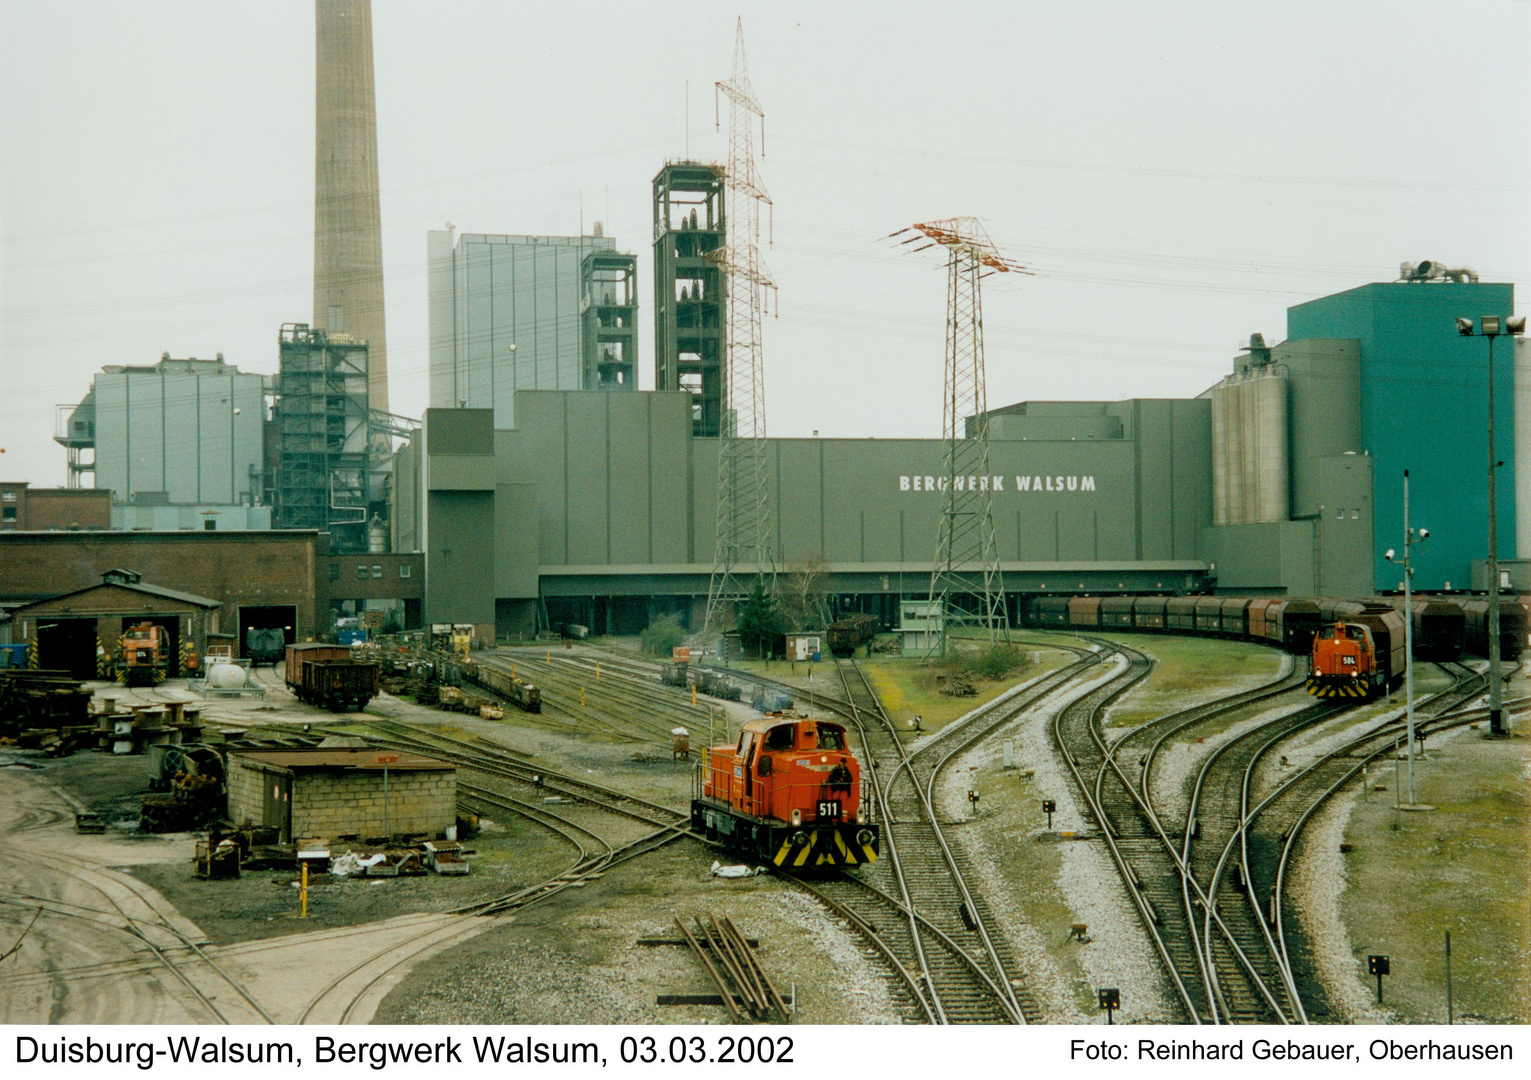 Duisburg Walsum Bergwerk Walsum 03 03 2002 Foto Bild